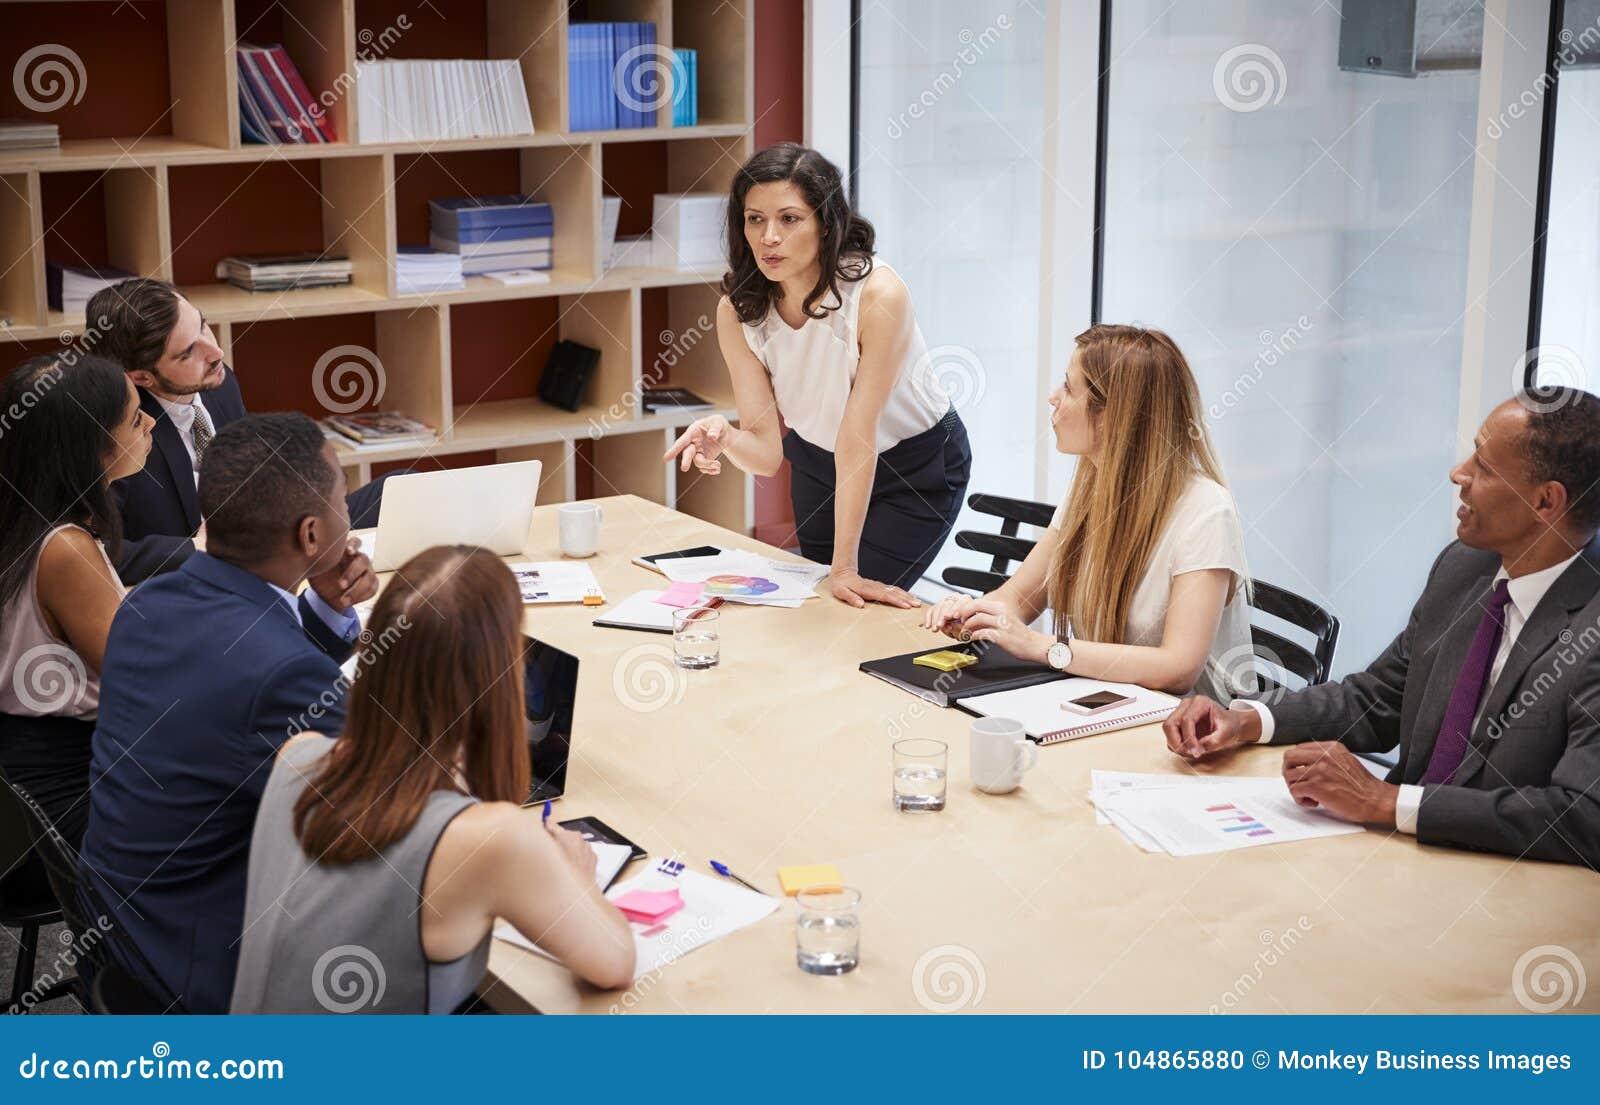 Soportes femeninos del encargado que se dirigen al equipo en la reunión de la sala de reunión